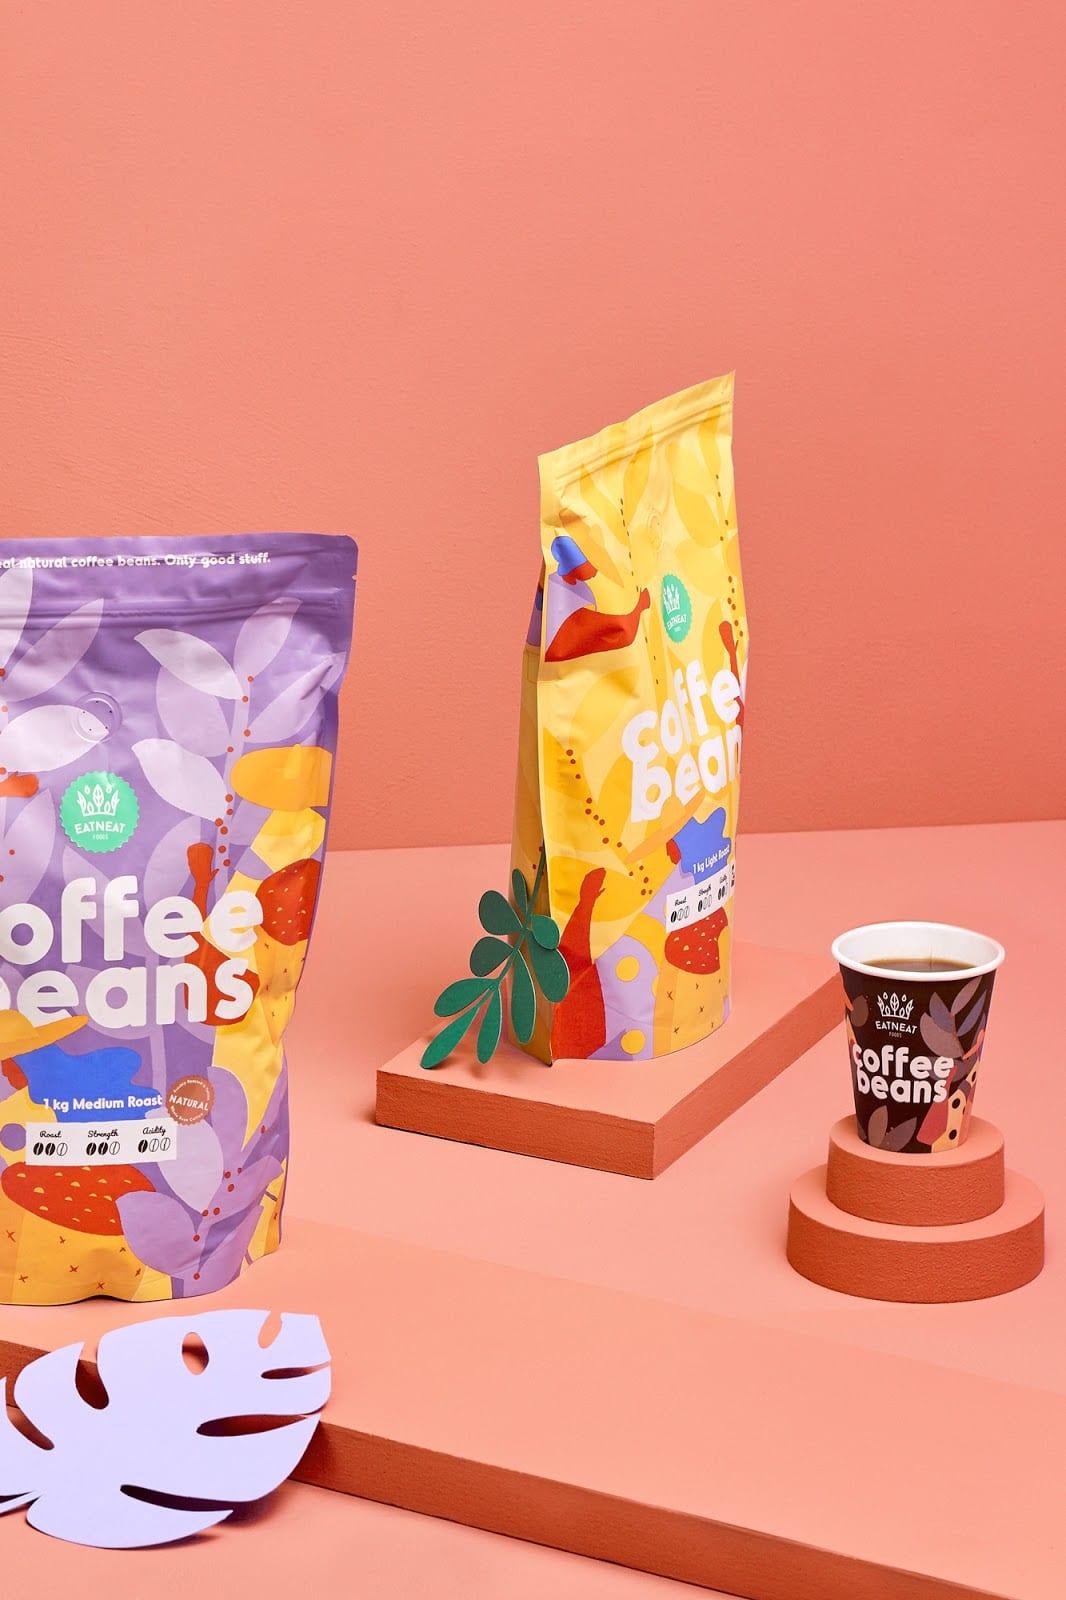 coffeebeans12 - Coffee Beans je nová značka kávy s hravým obalem